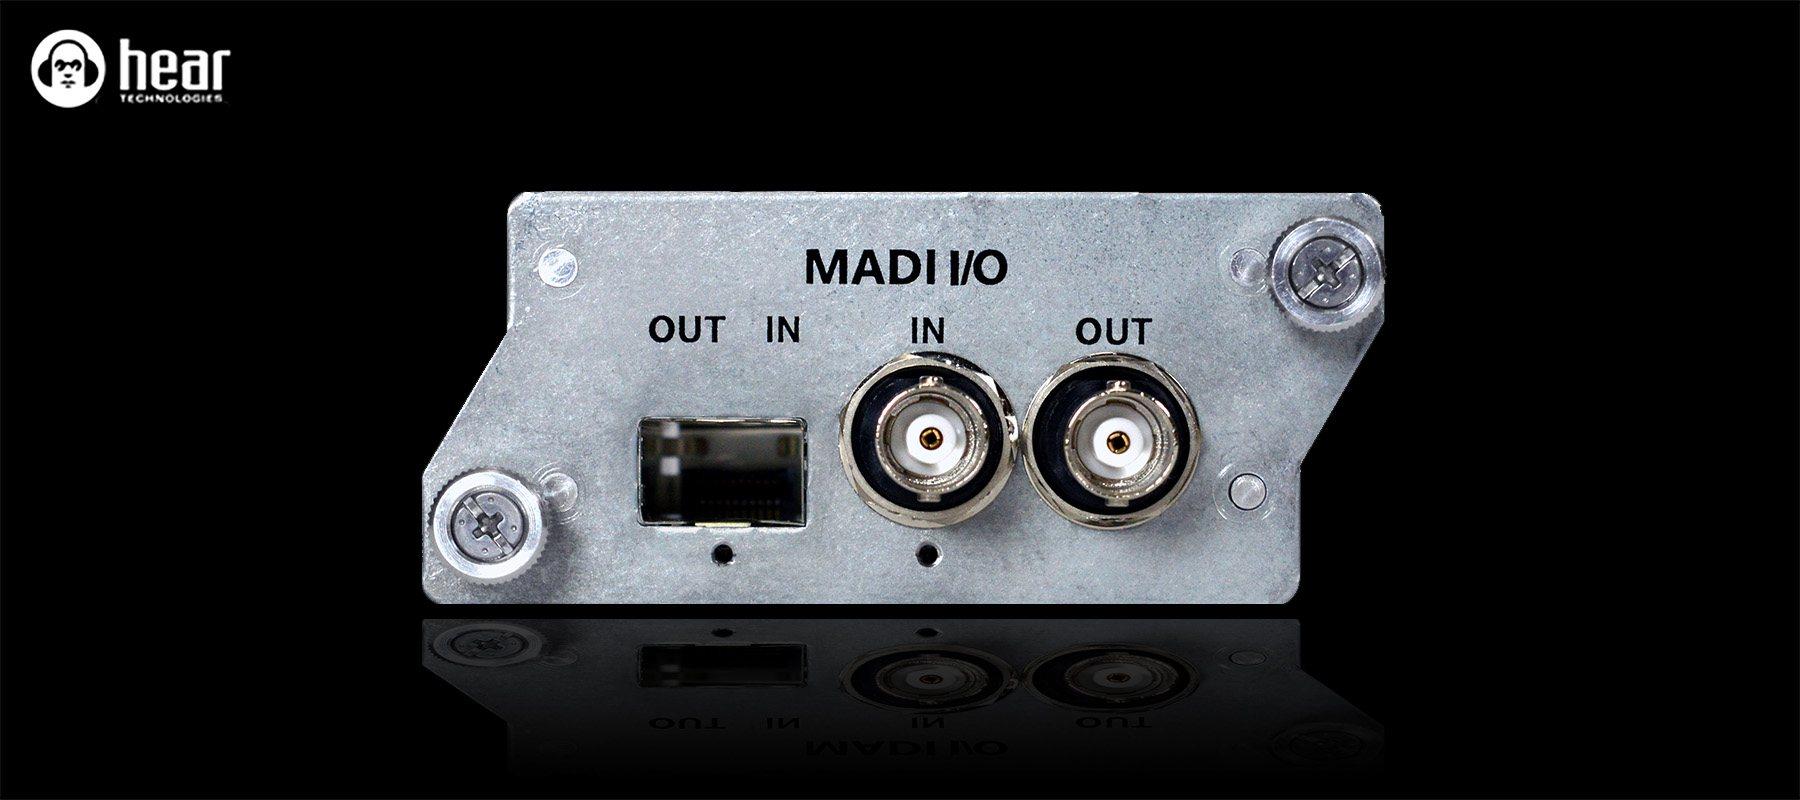 Hear Back Pro MADI card